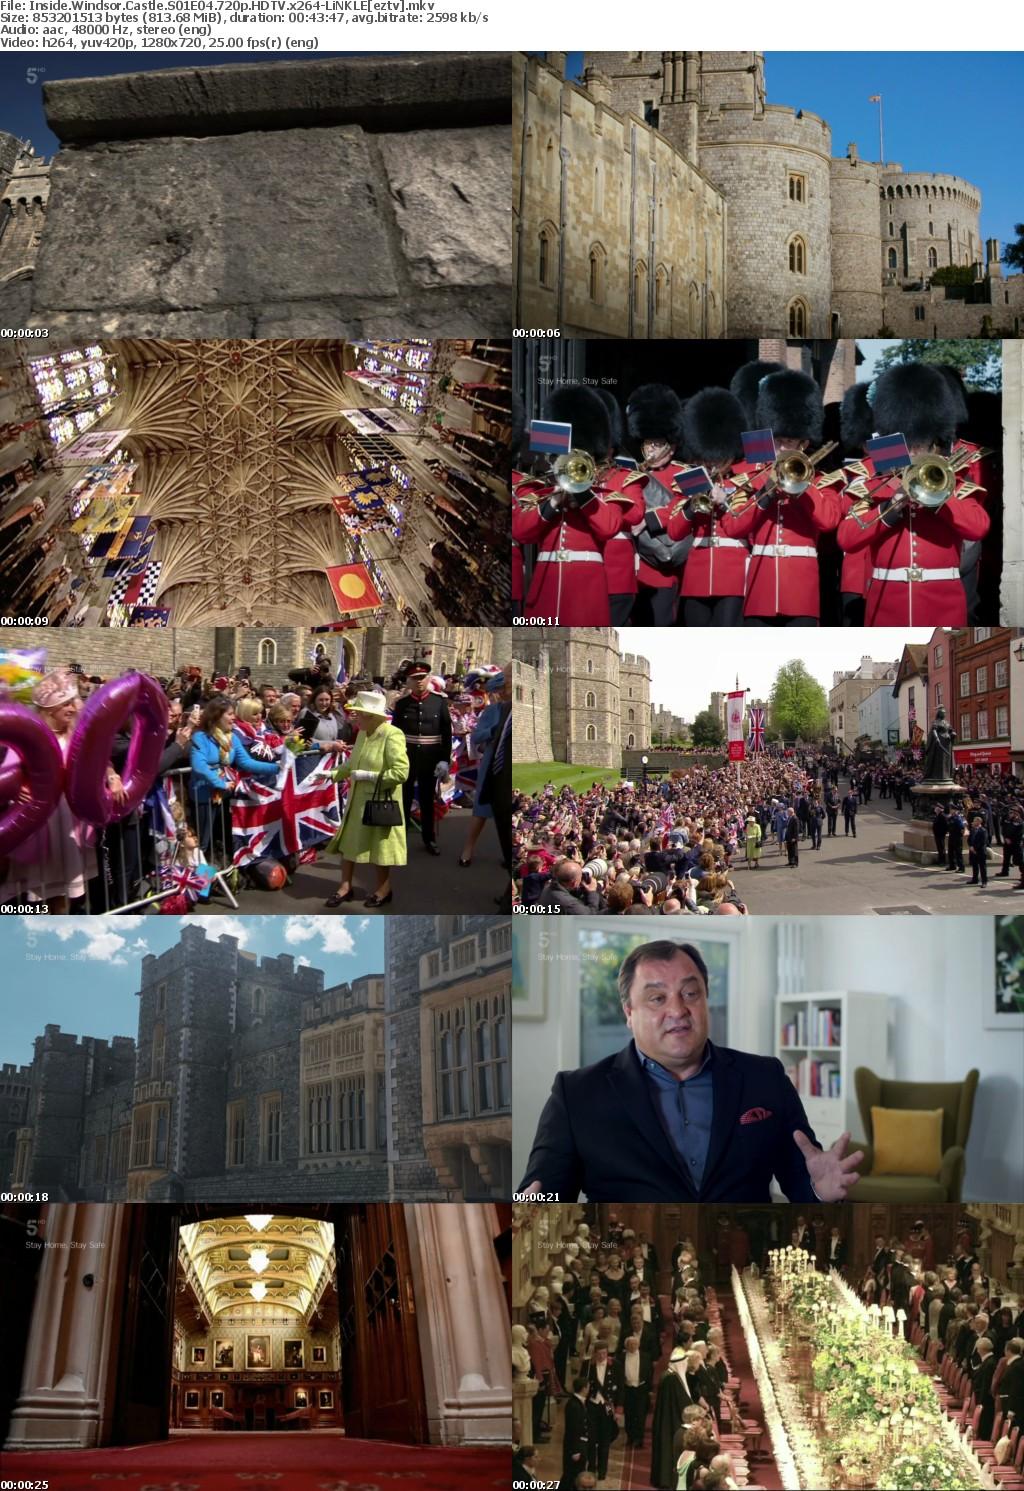 Inside Windsor Castle S01E04 720p HDTV x264-LE